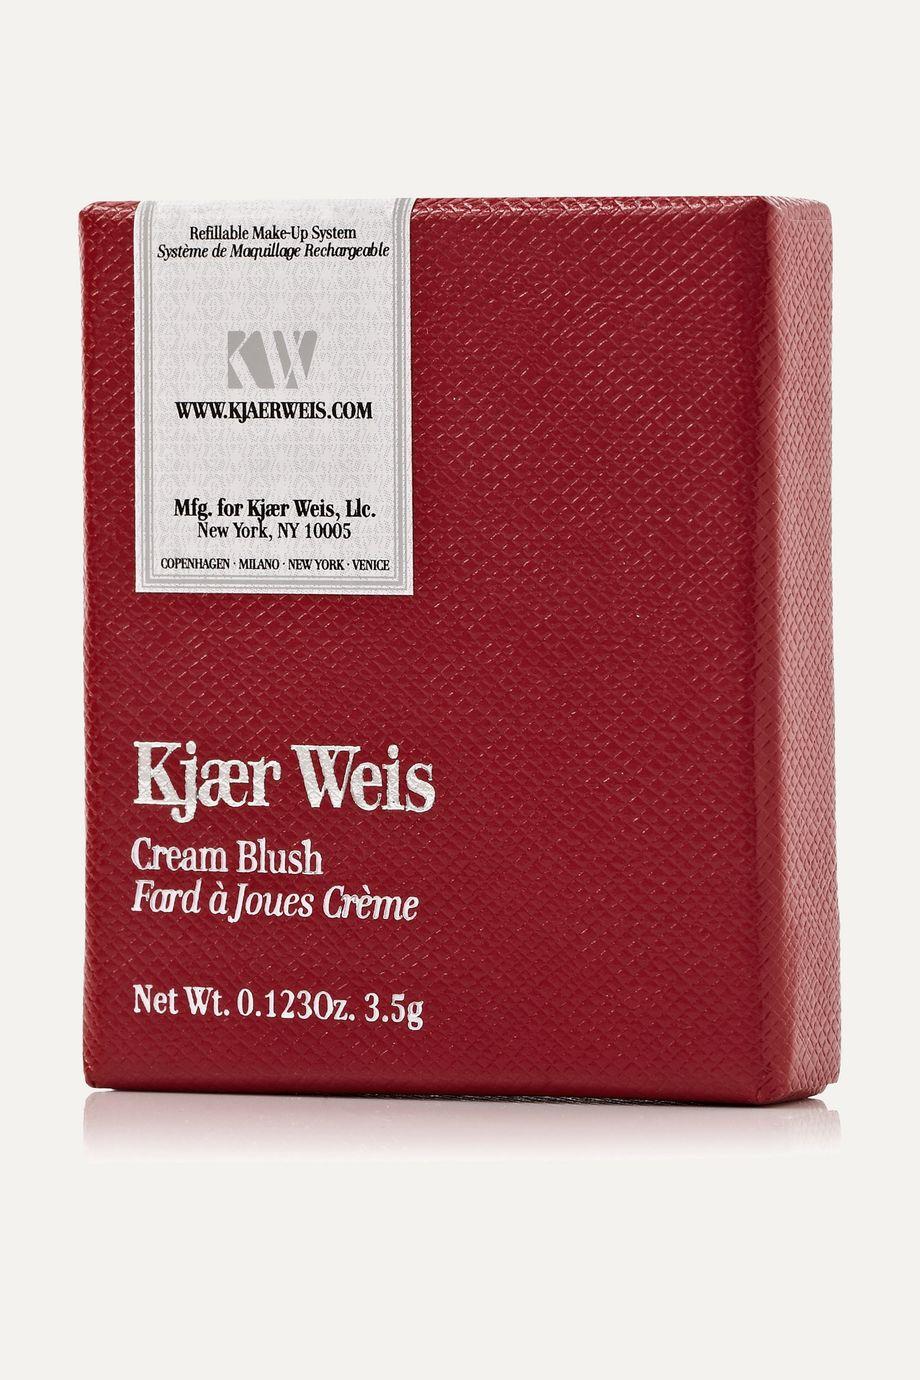 Kjaer Weis Cream Blush - Desired Glow